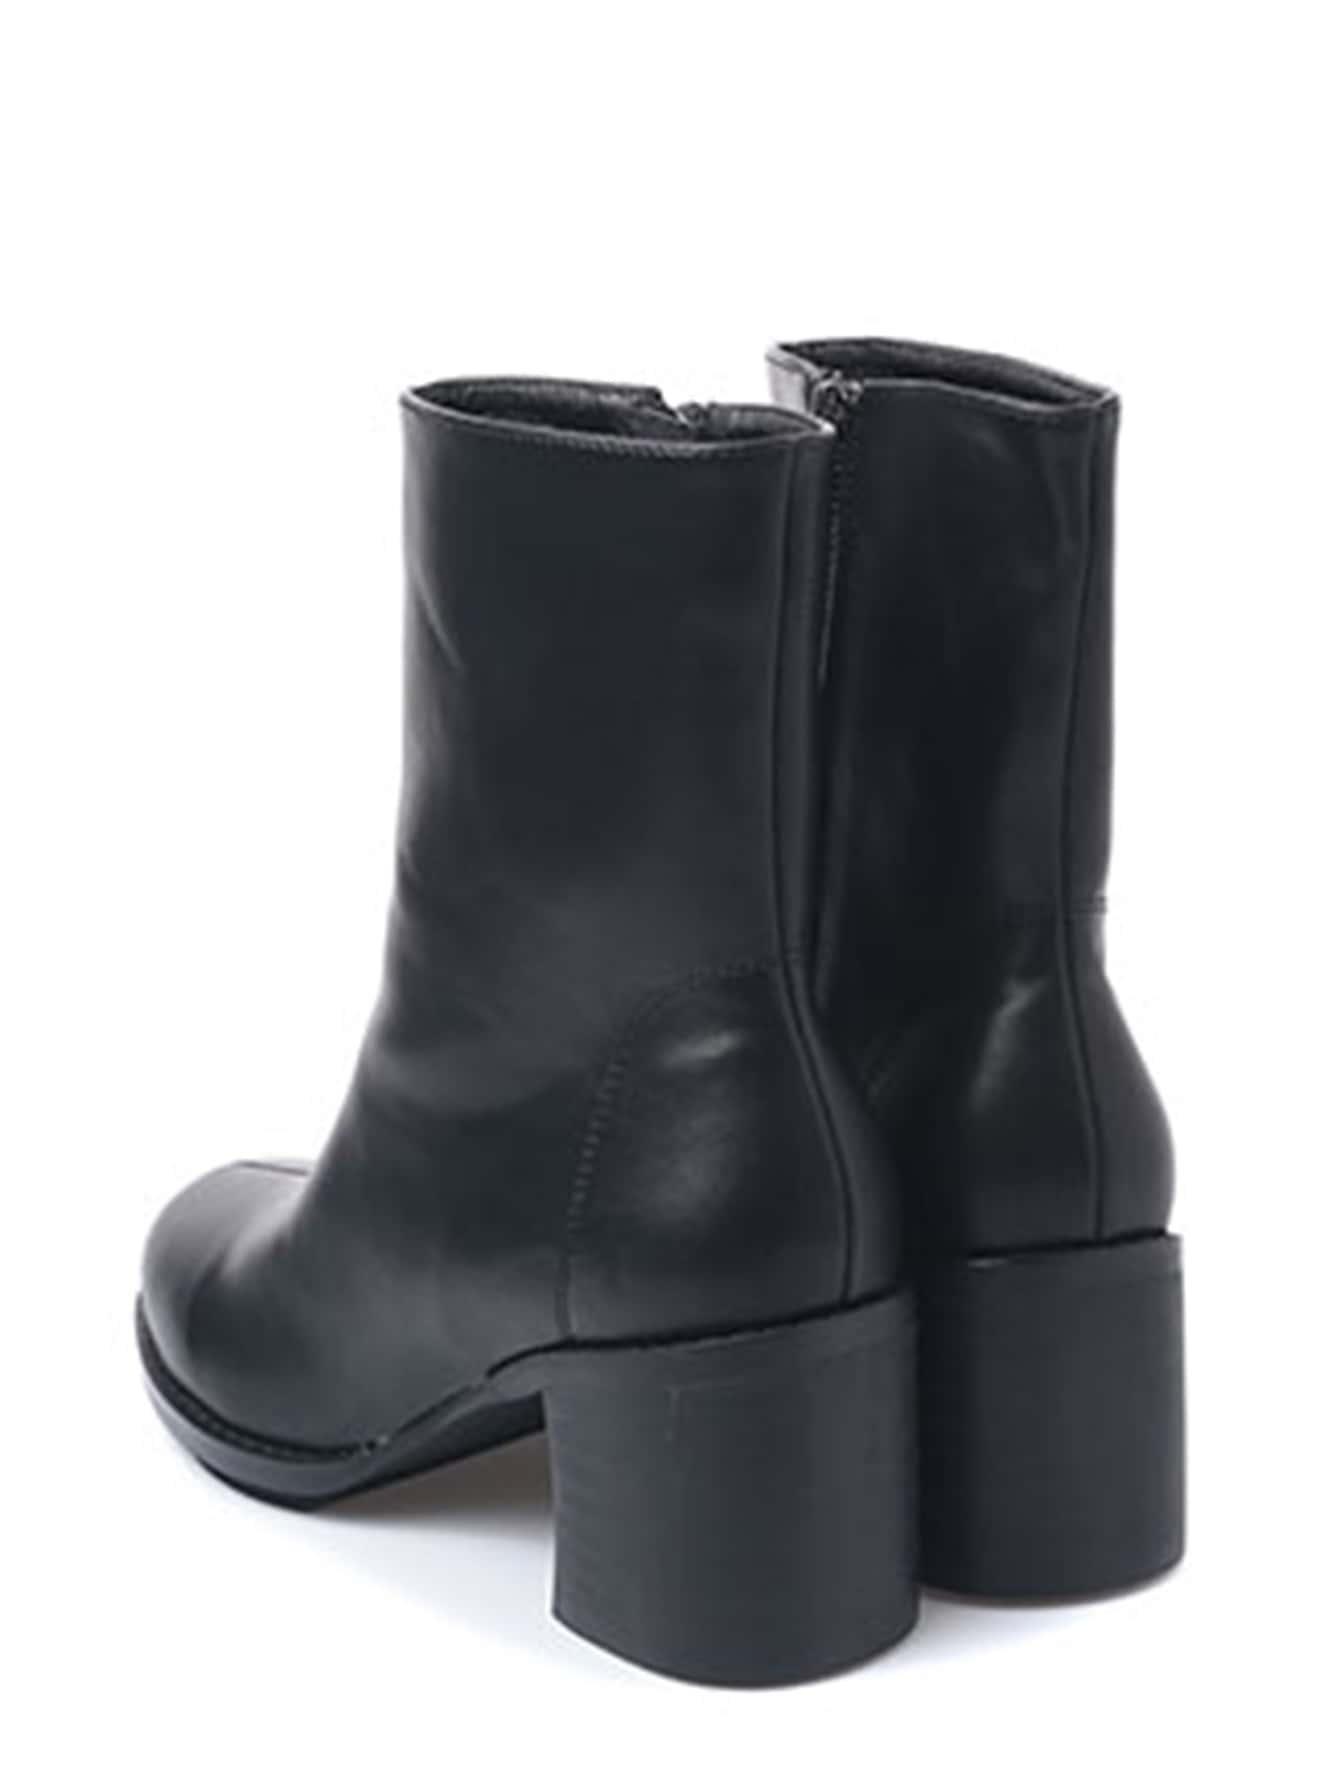 shoes161111805_2